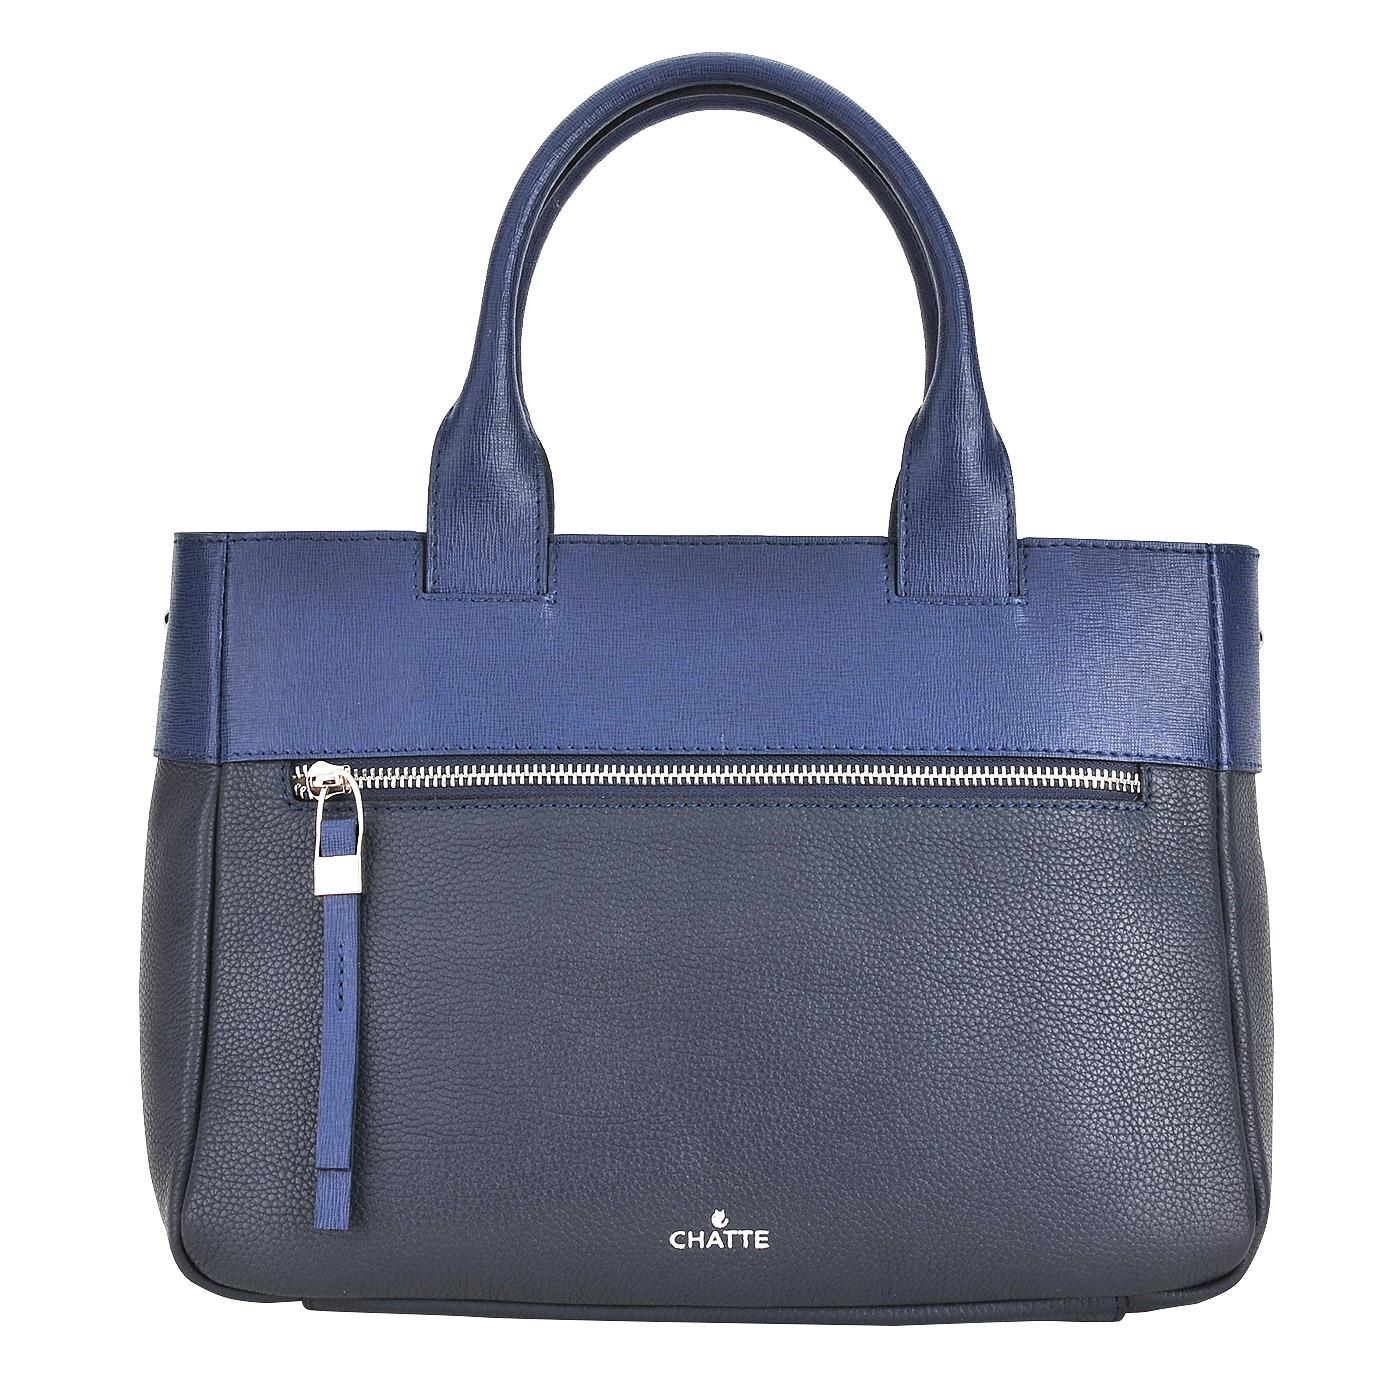 СумкаКлассические сумки<br>Съемный регулируемый плечевой ремешок.Закрывается на молнию. Внутри одно отделение, в котором карман на молнии и два кармашка для мелочей. Снаружи на передней стенке сумки карман на молнии.<br><br>count_sale: 0<br>new: 0<br>sale: 0